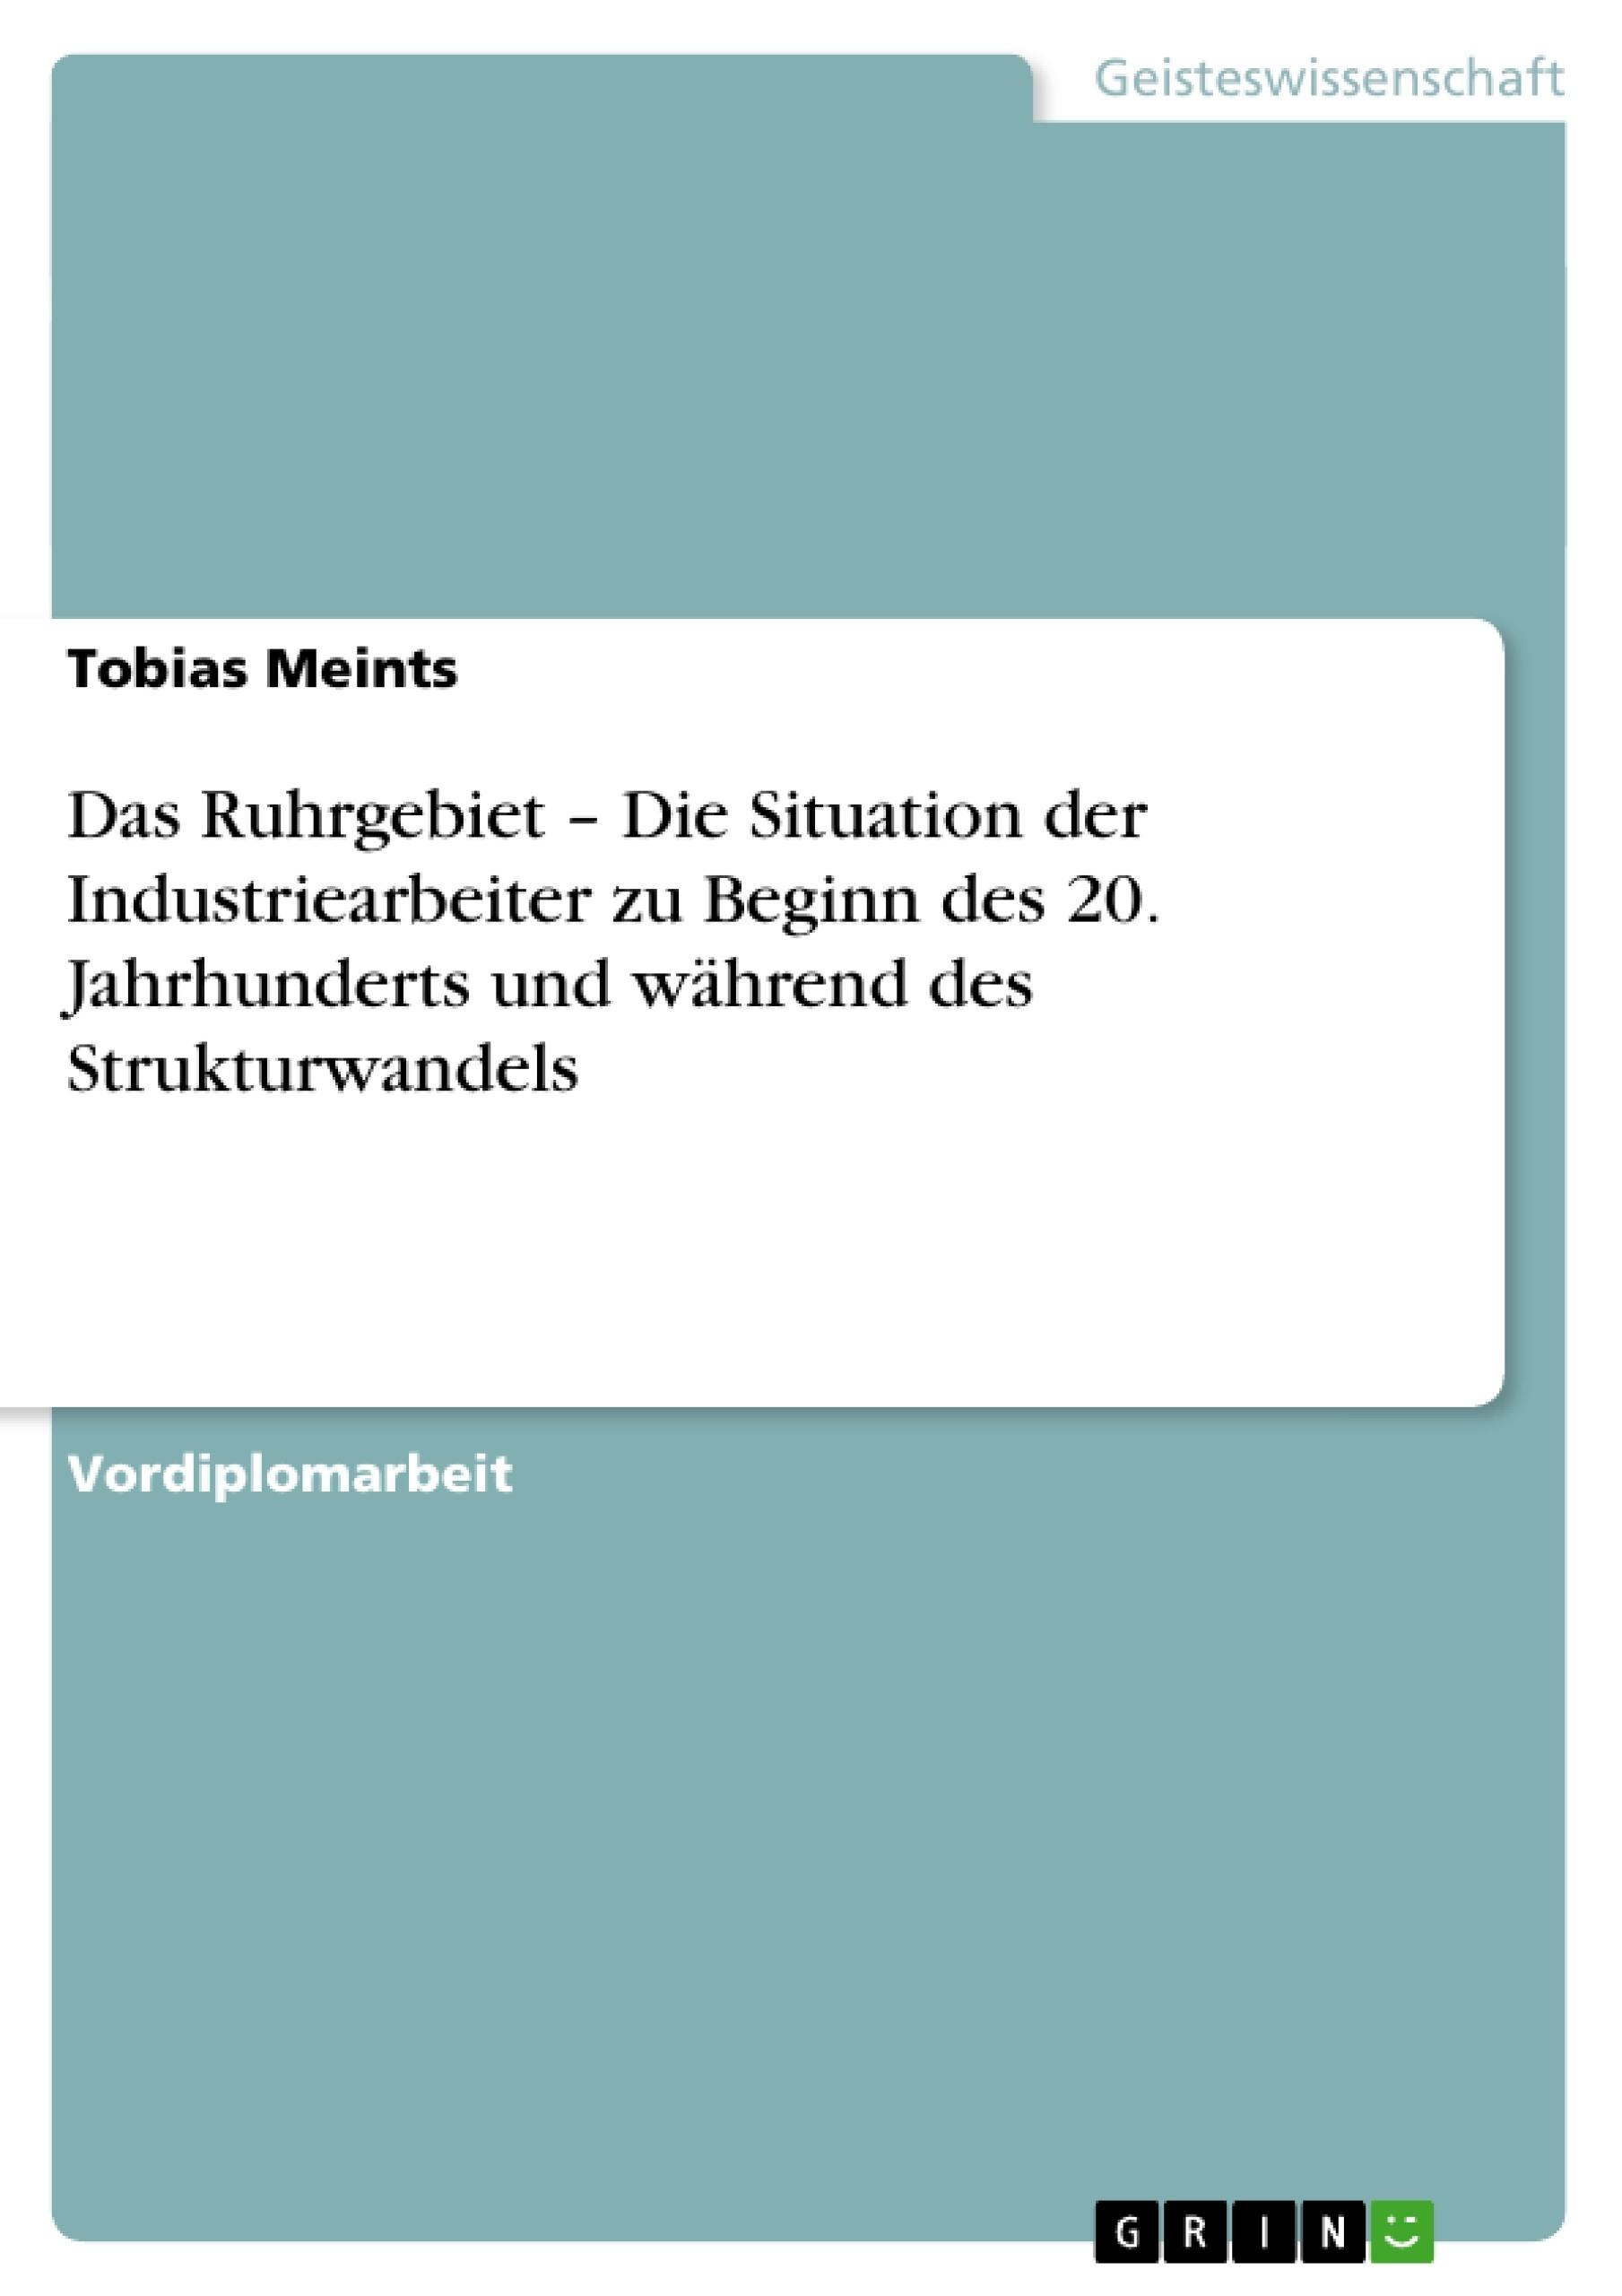 Titel: Das Ruhrgebiet – Die Situation der Industriearbeiter zu Beginn des 20. Jahrhunderts und während des Strukturwandels